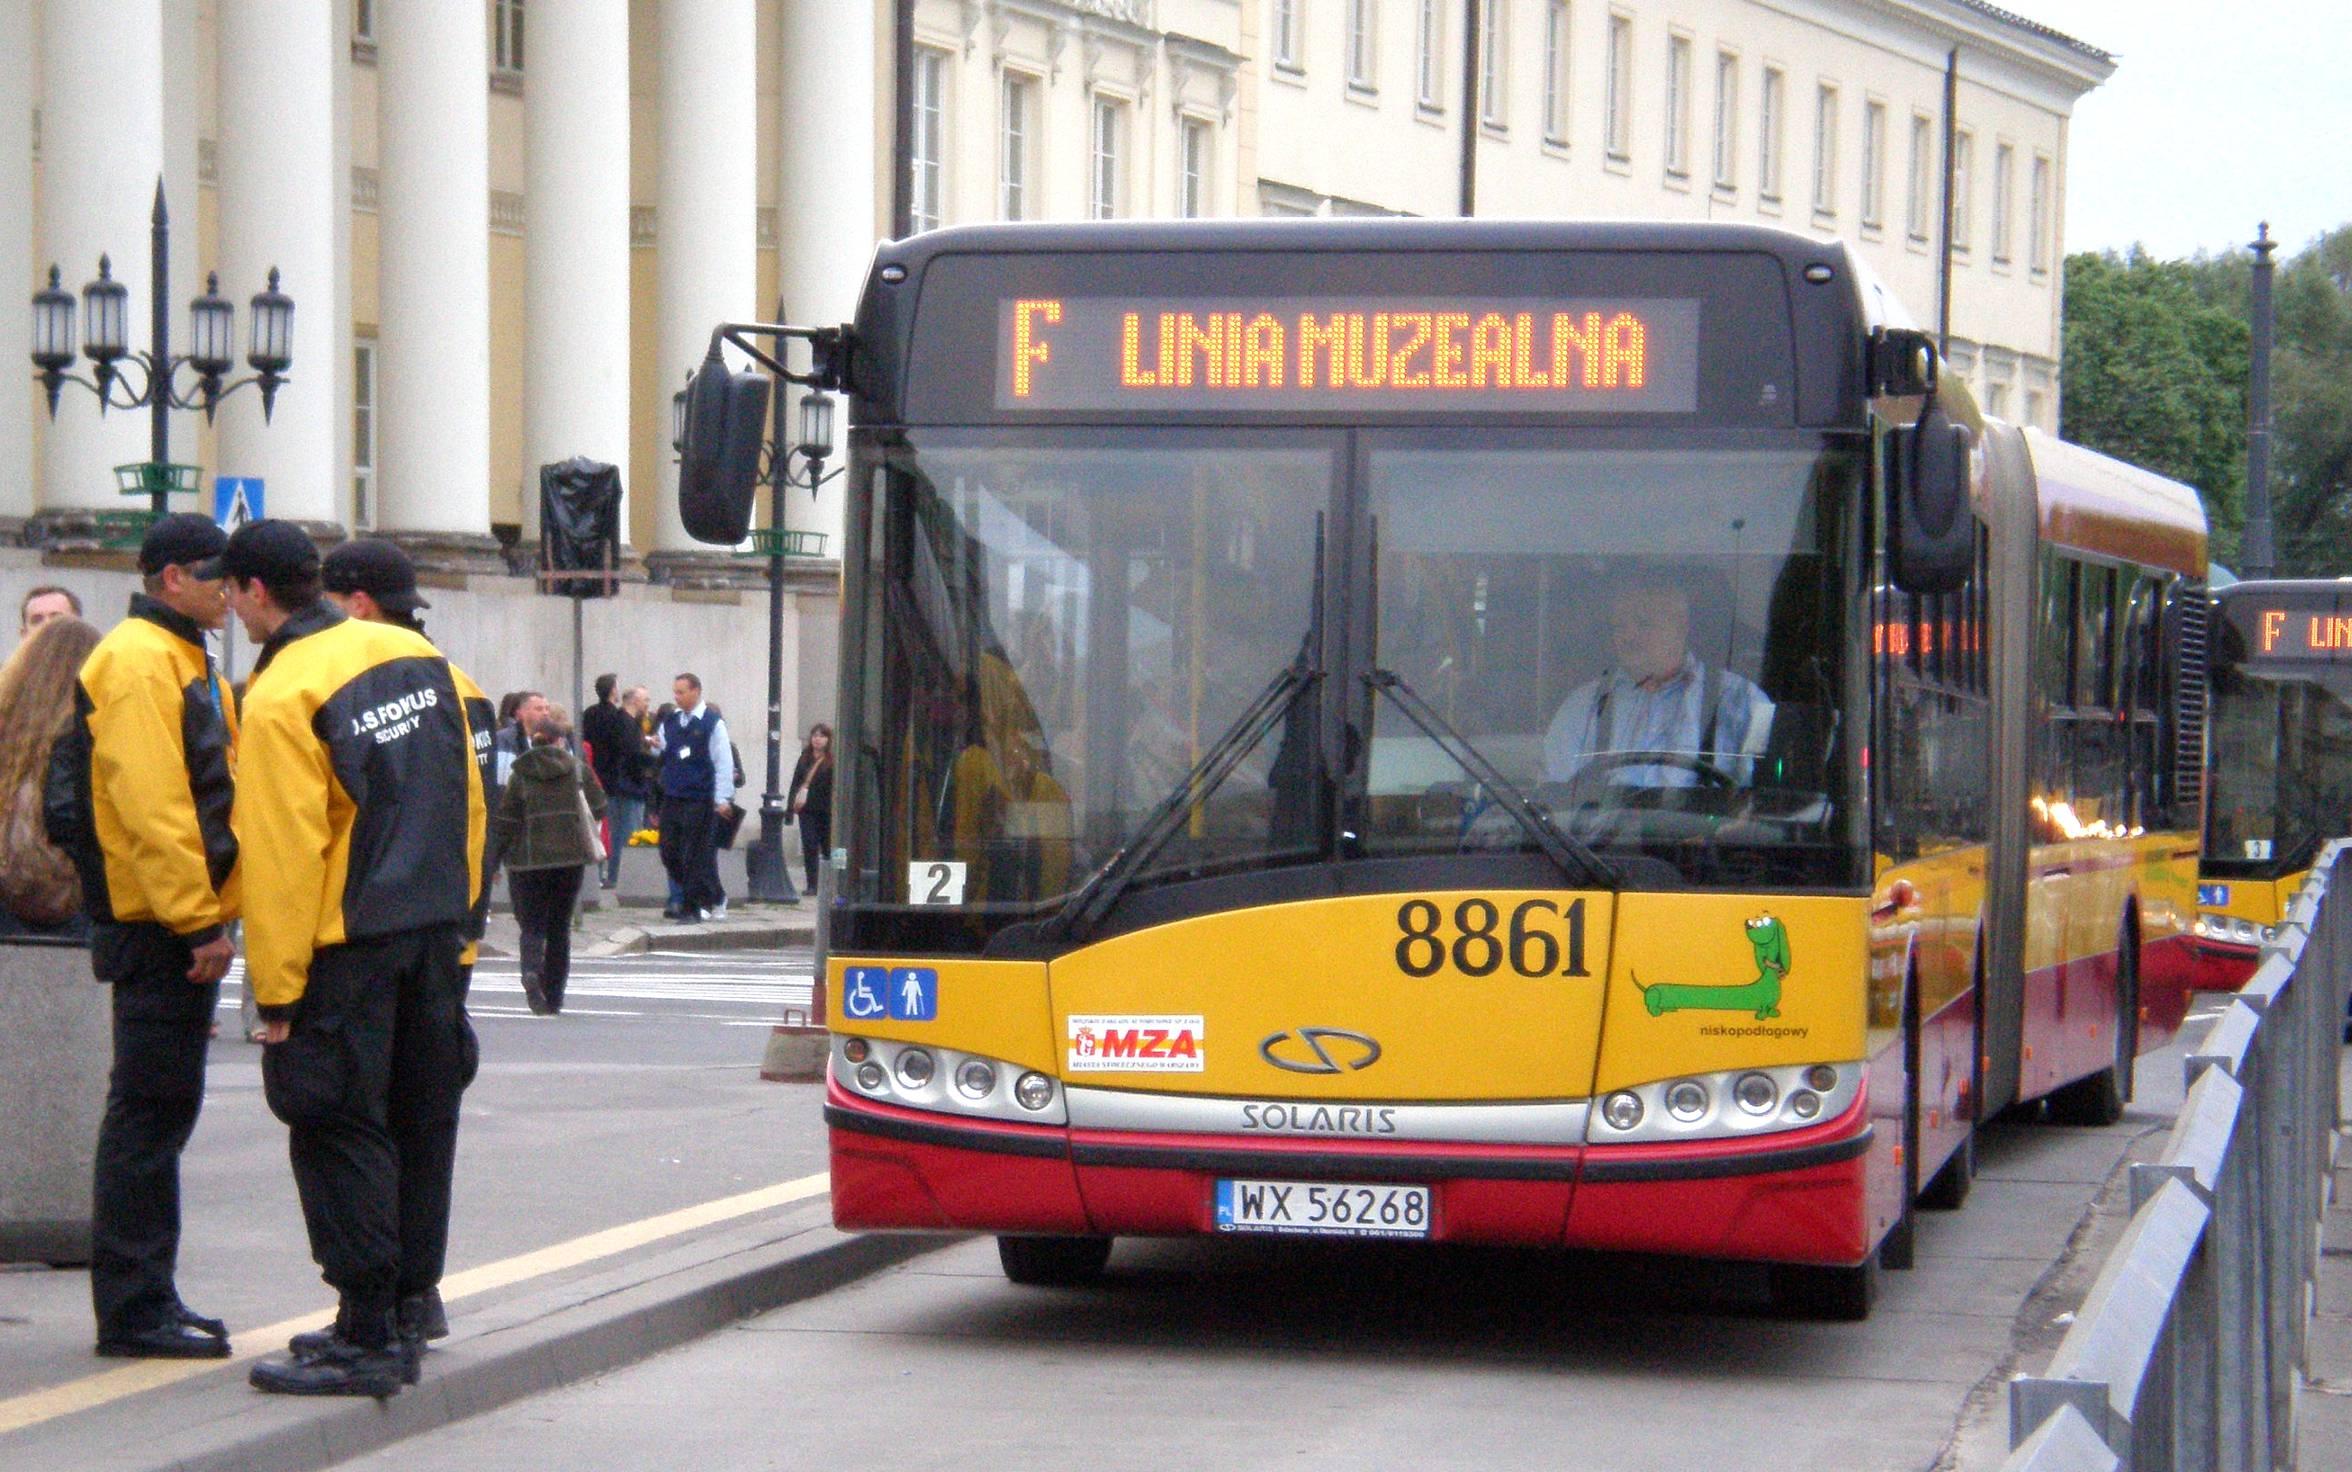 F (linia autobusowa)